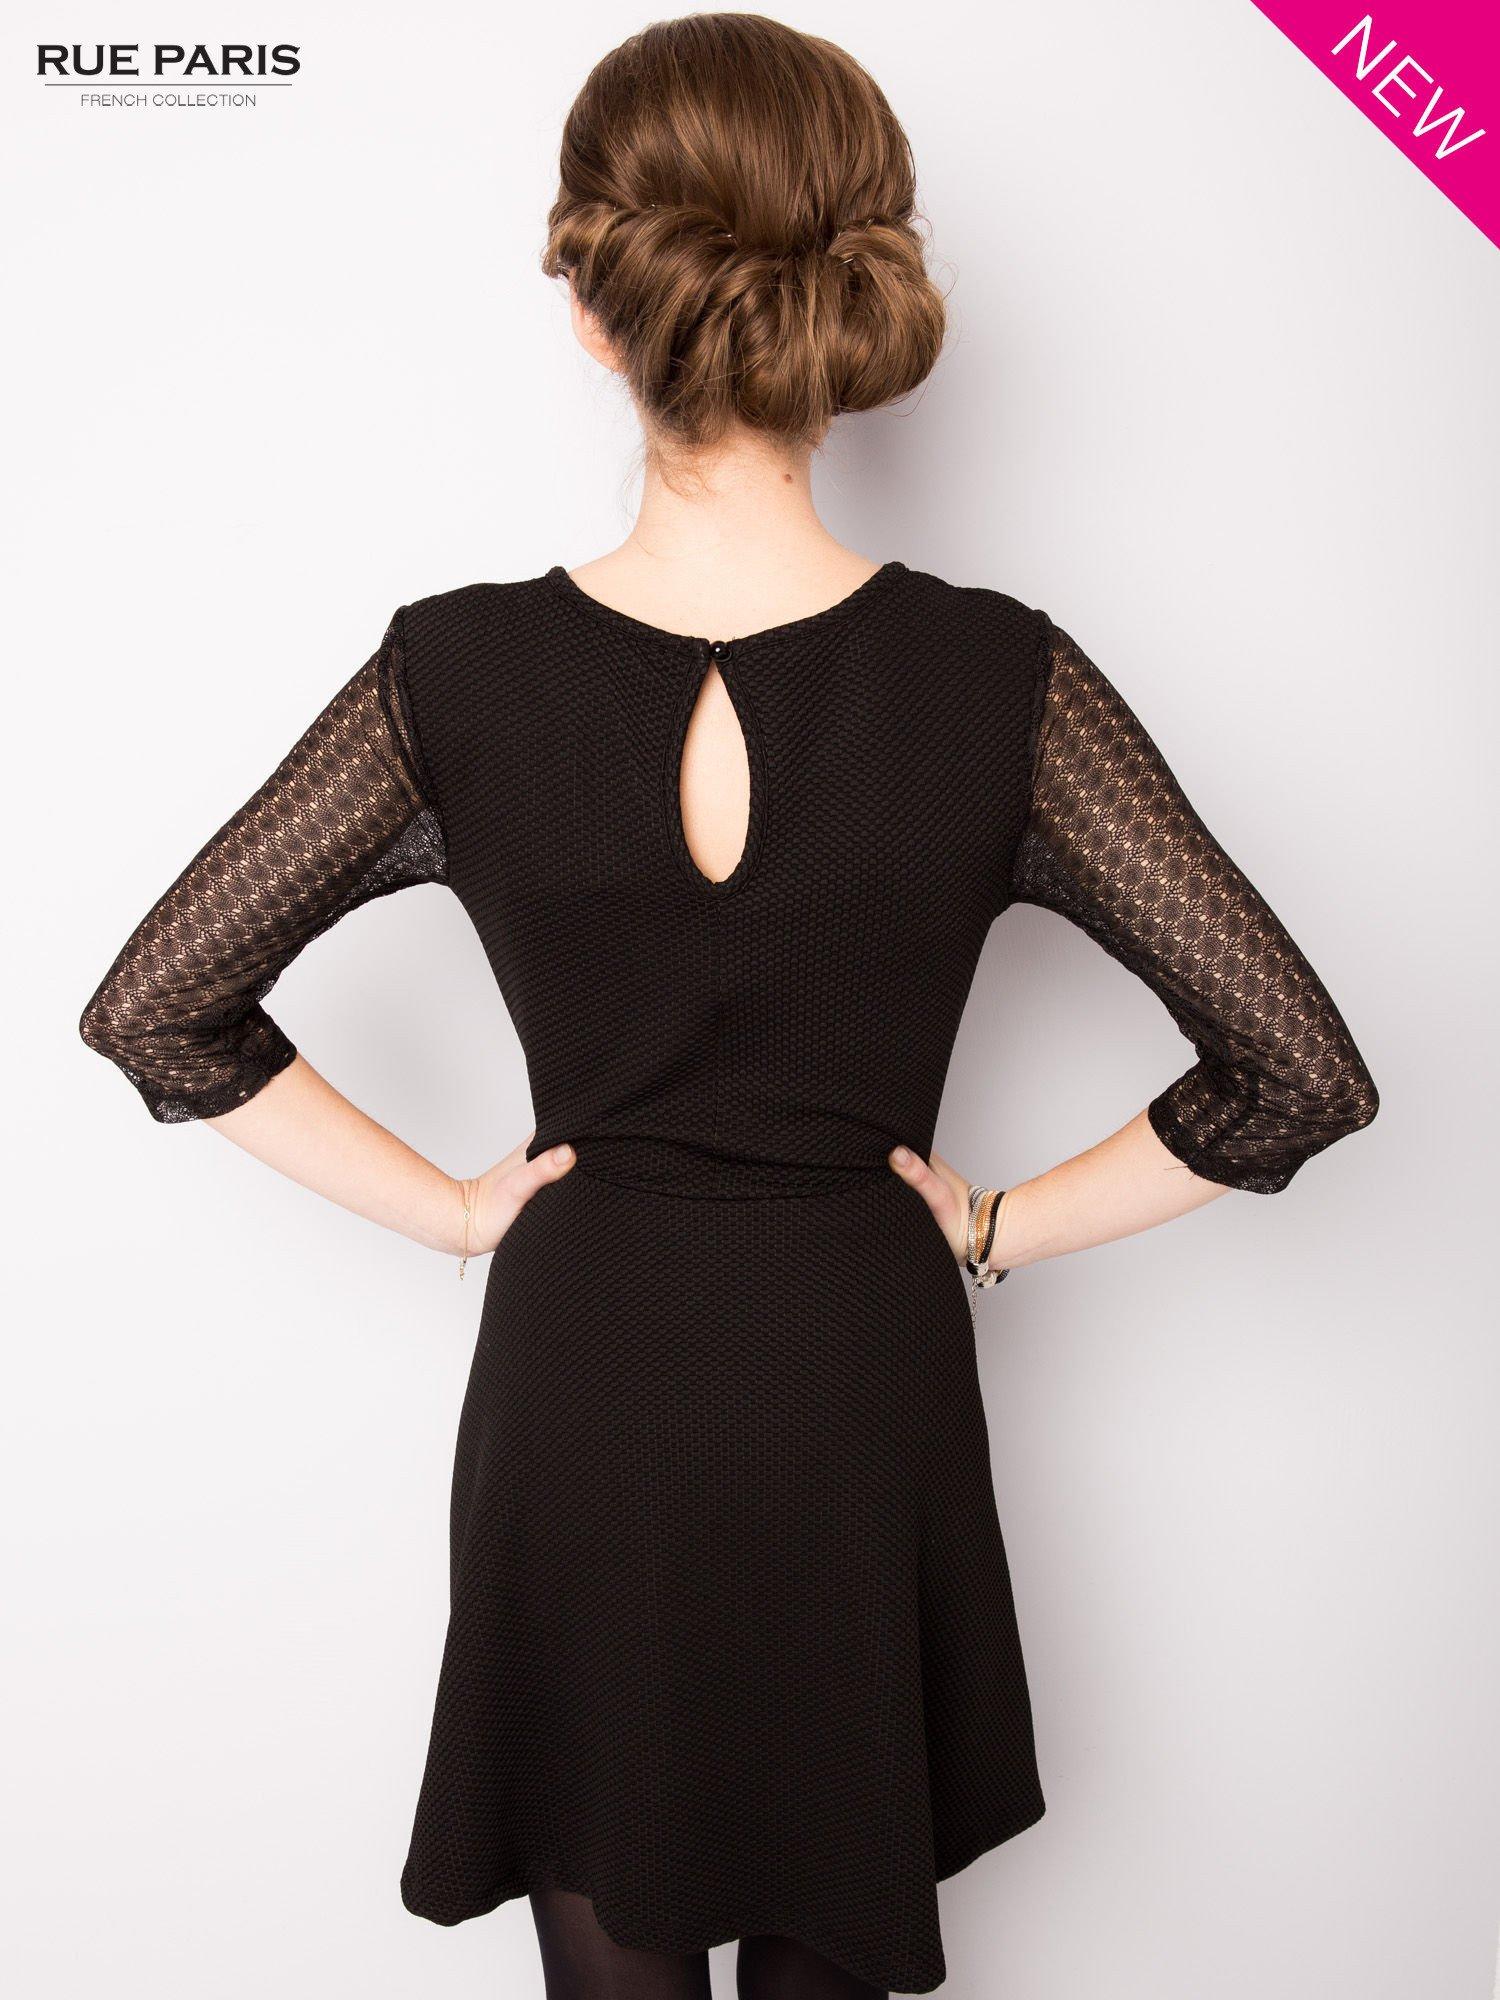 Czarna sukienka z transparentnym głębokim dekoltem                                  zdj.                                  4